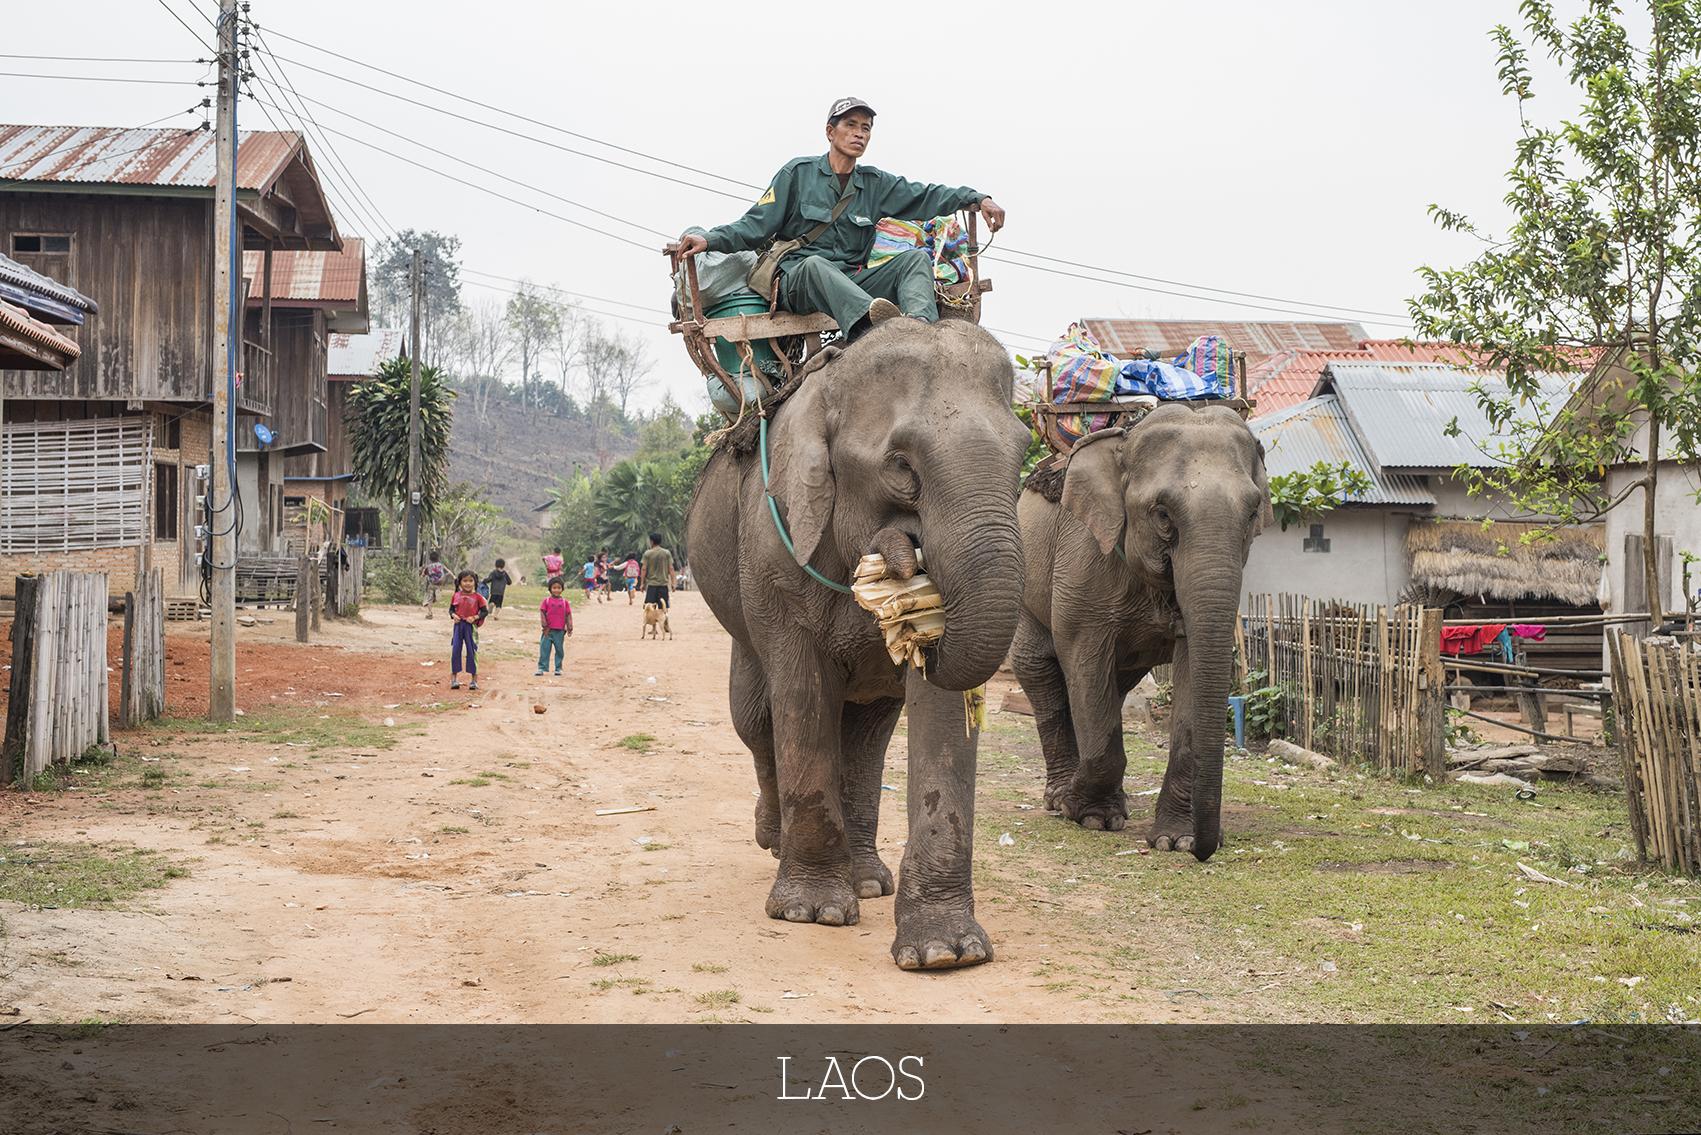 voyages - Laos.jpg